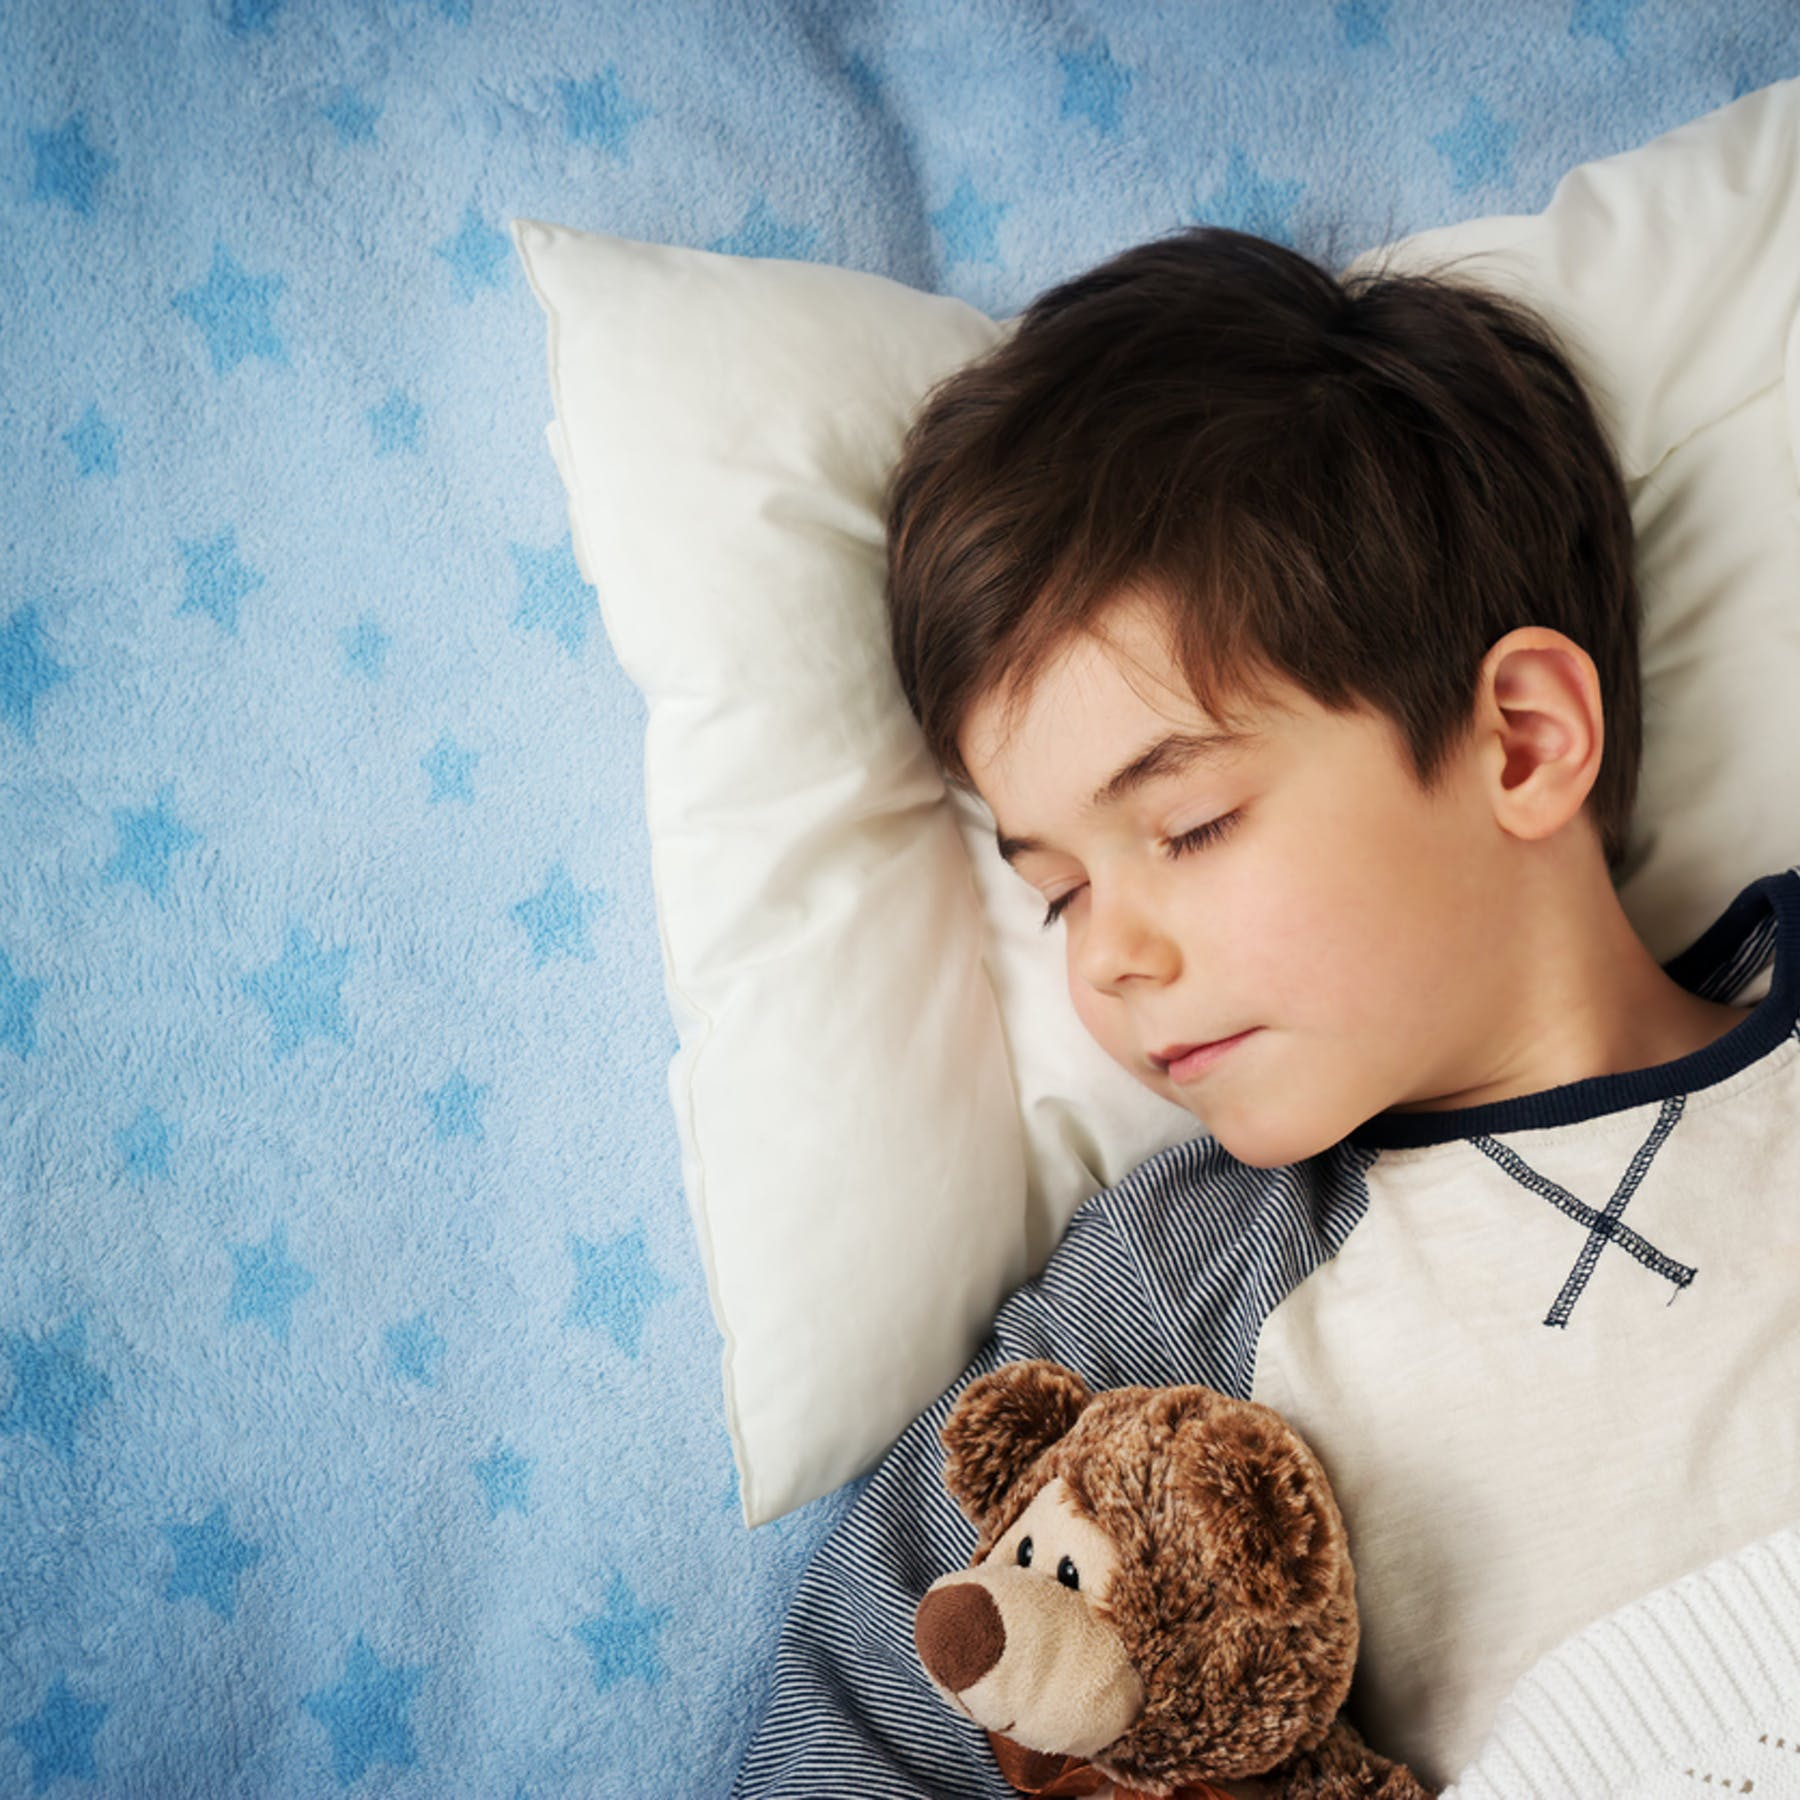 Доктор комаровский о том, что делать, если ребенок храпит во сне